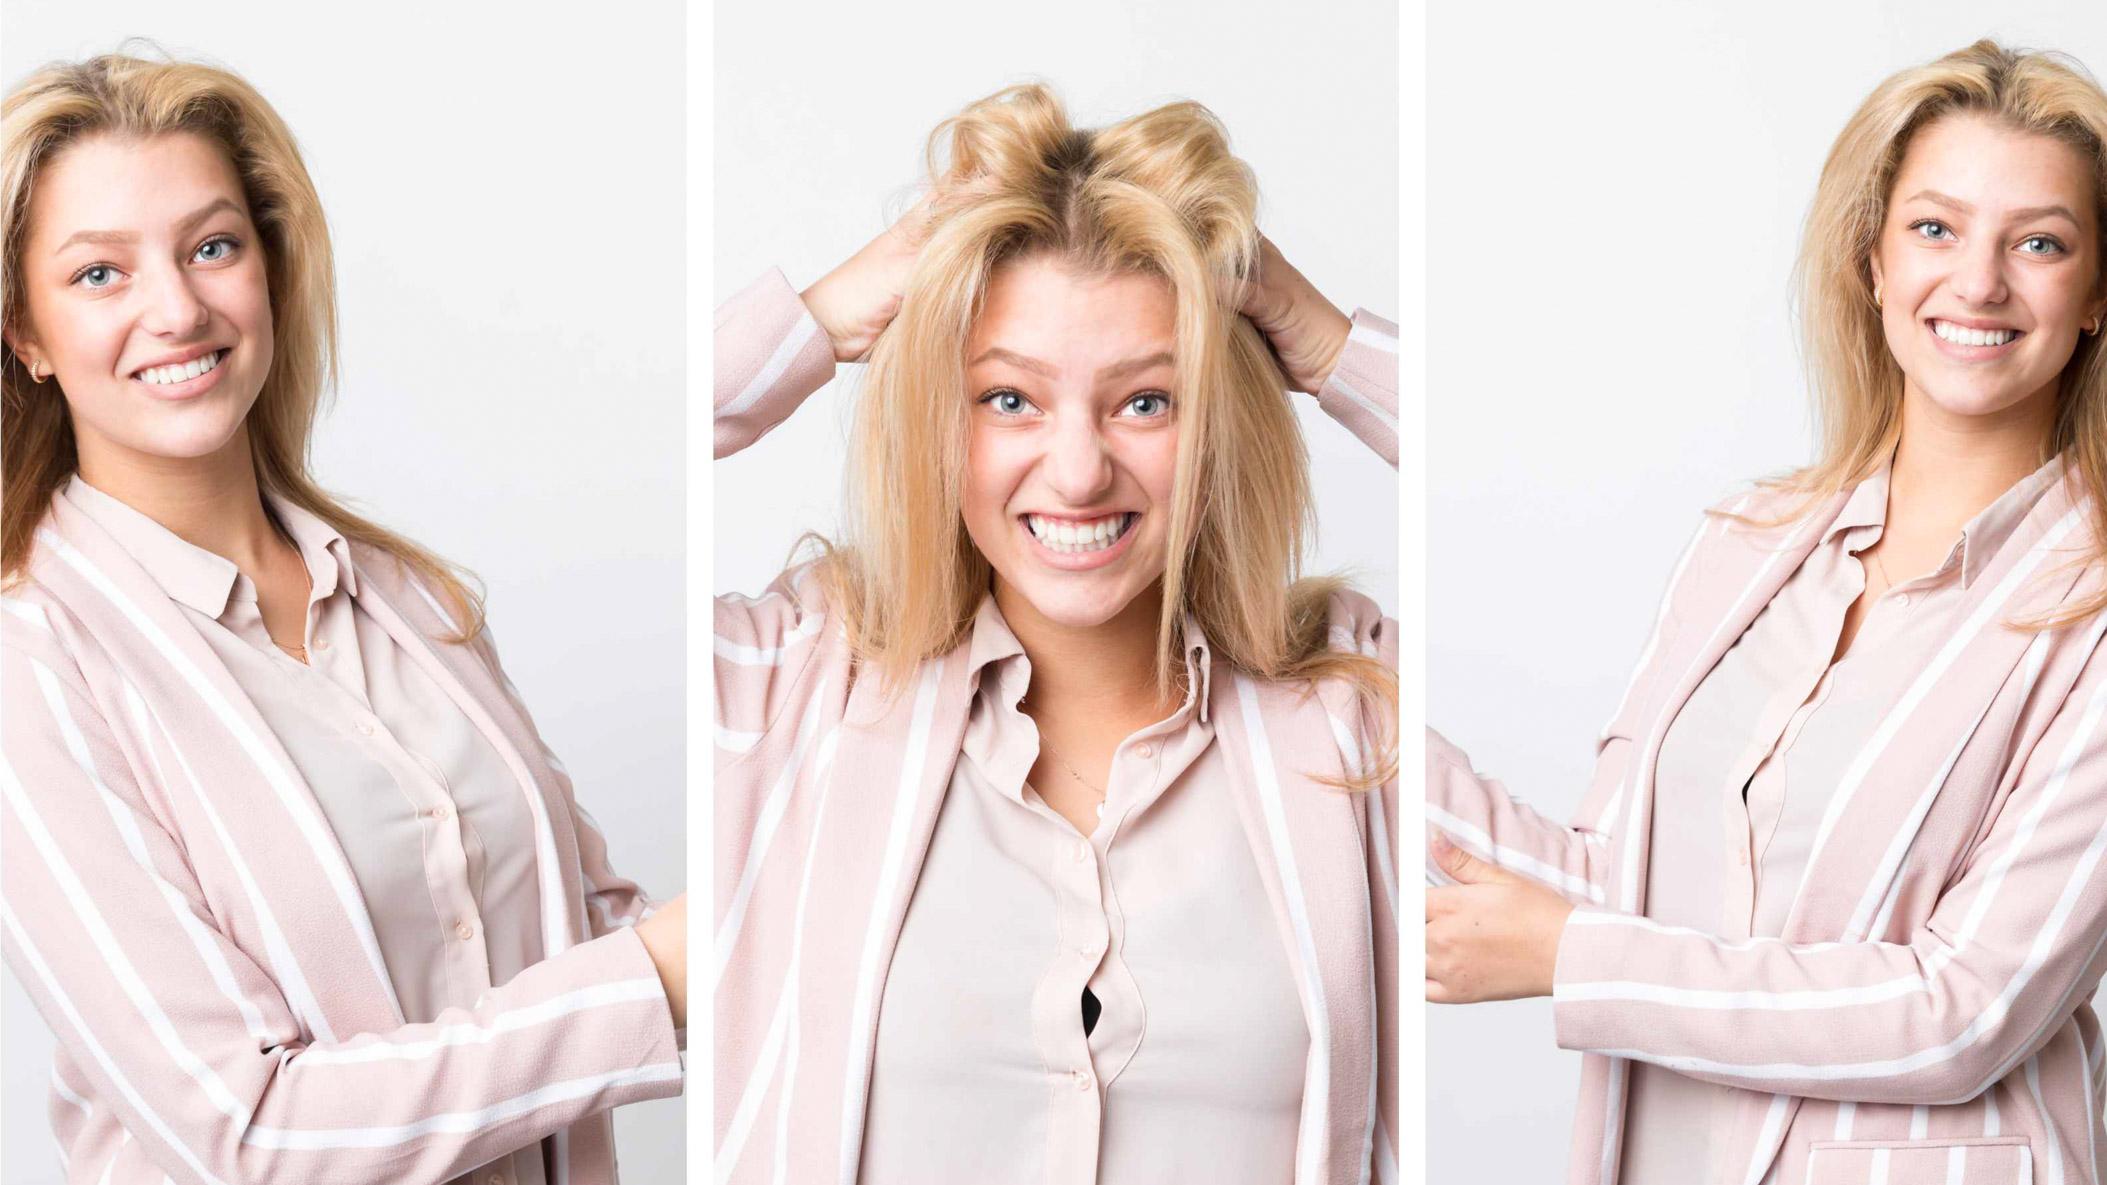 Marketing-Lynx-Portretfotografie-Eindhoven-Ektor-Tsolodimos-12